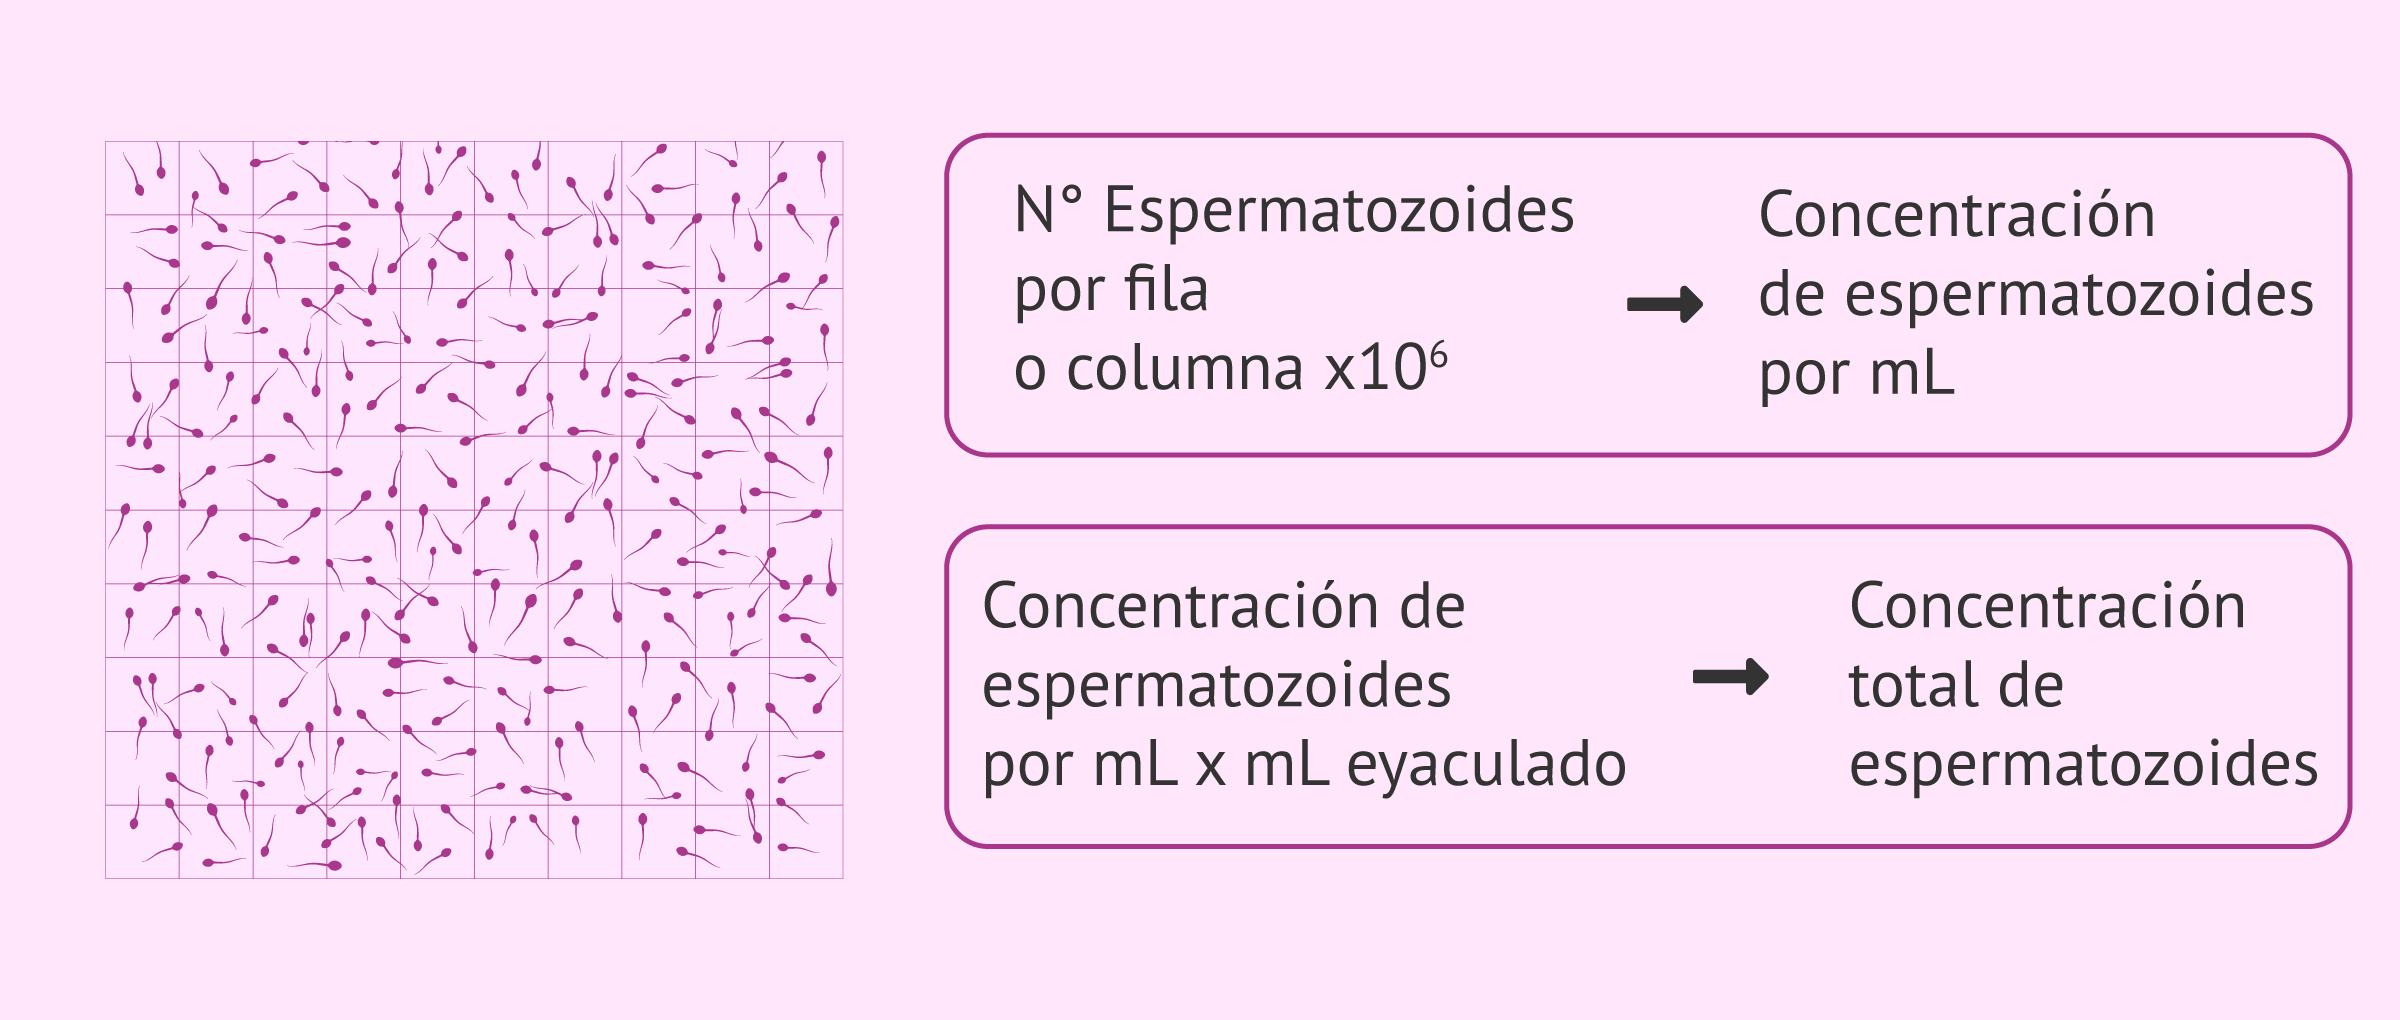 ¿Cómo se analiza la cantidad de espermatozoides en una eyaculación?